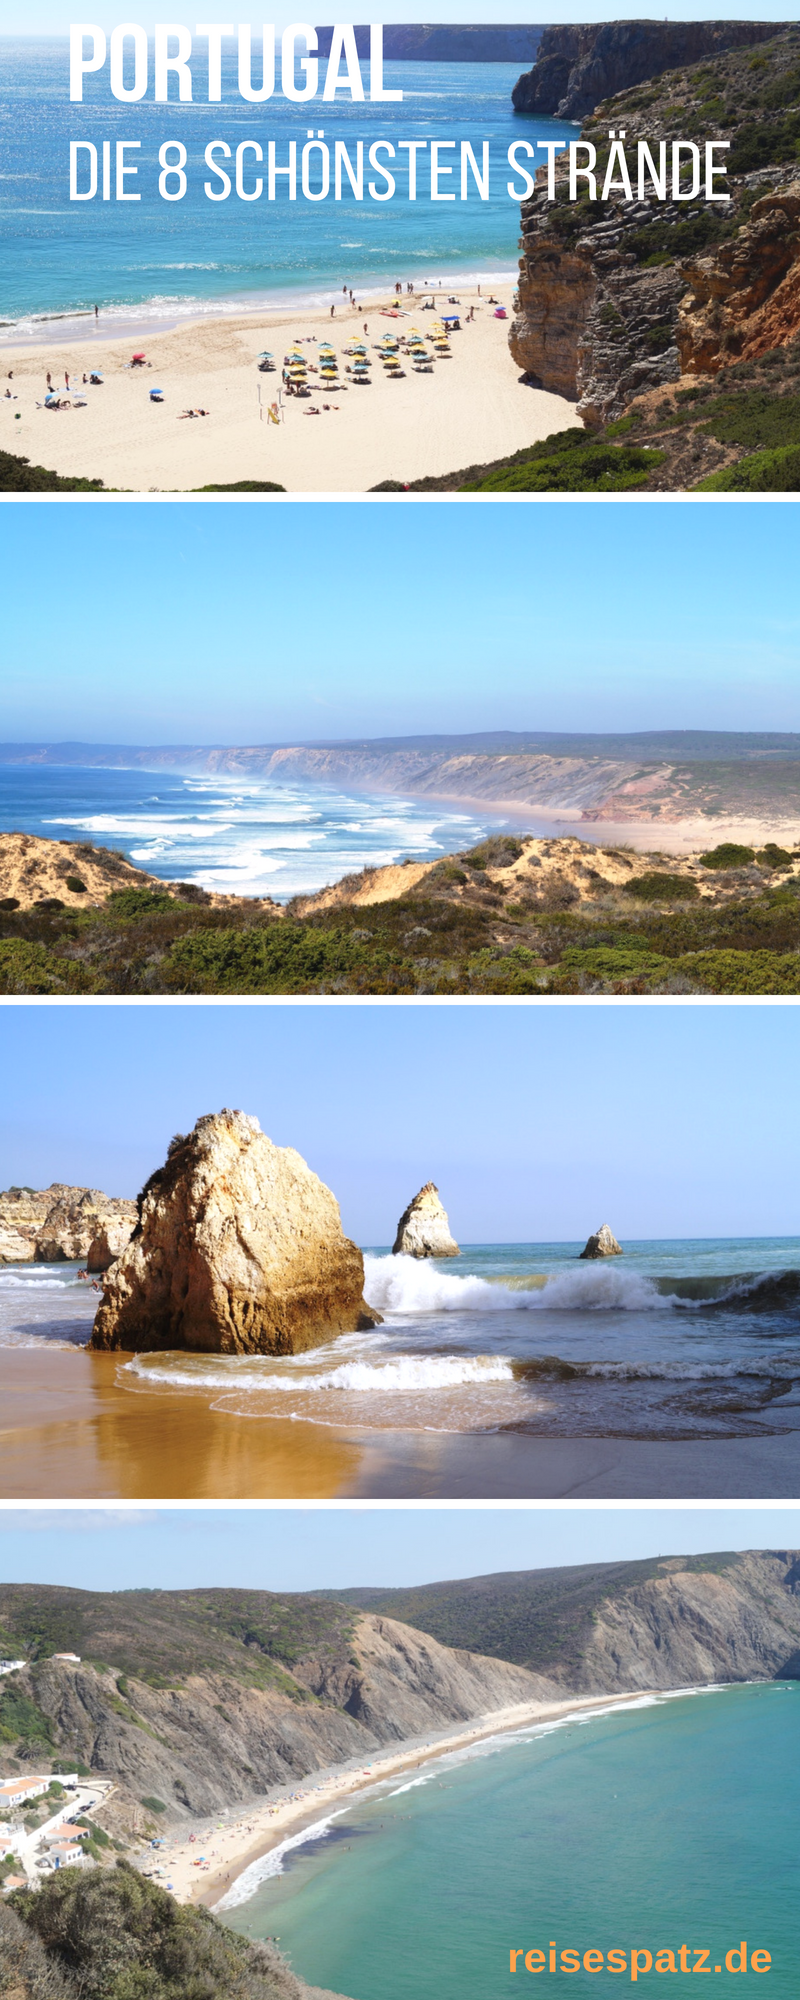 Die Schonsten Strande Der Algarve Portugal Die Schonsten Strande Der Algarve Tipps Fur Deinen Portugal Urlaub Urlaub Portugal Algarve Urlaub Mallorca Reisen